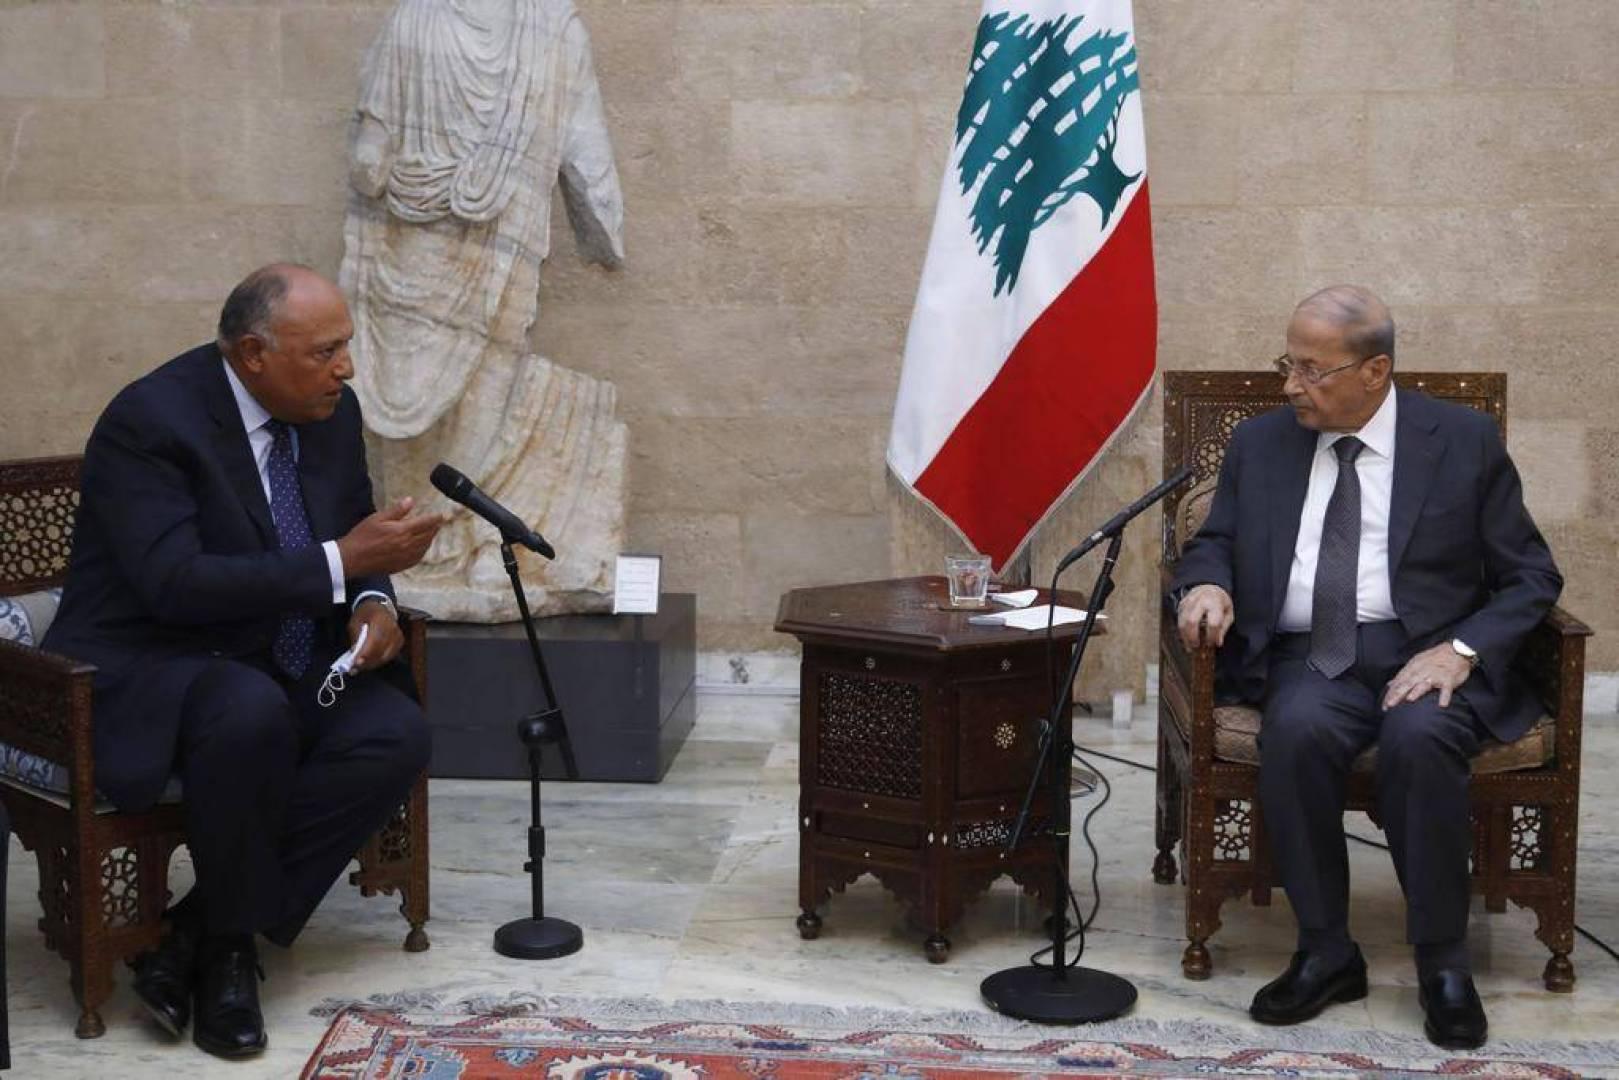 الرئاسة اللبنانية: مصر ستوفر جسراً جوياً للإغاثة وجسراً بحرياً للإعمار